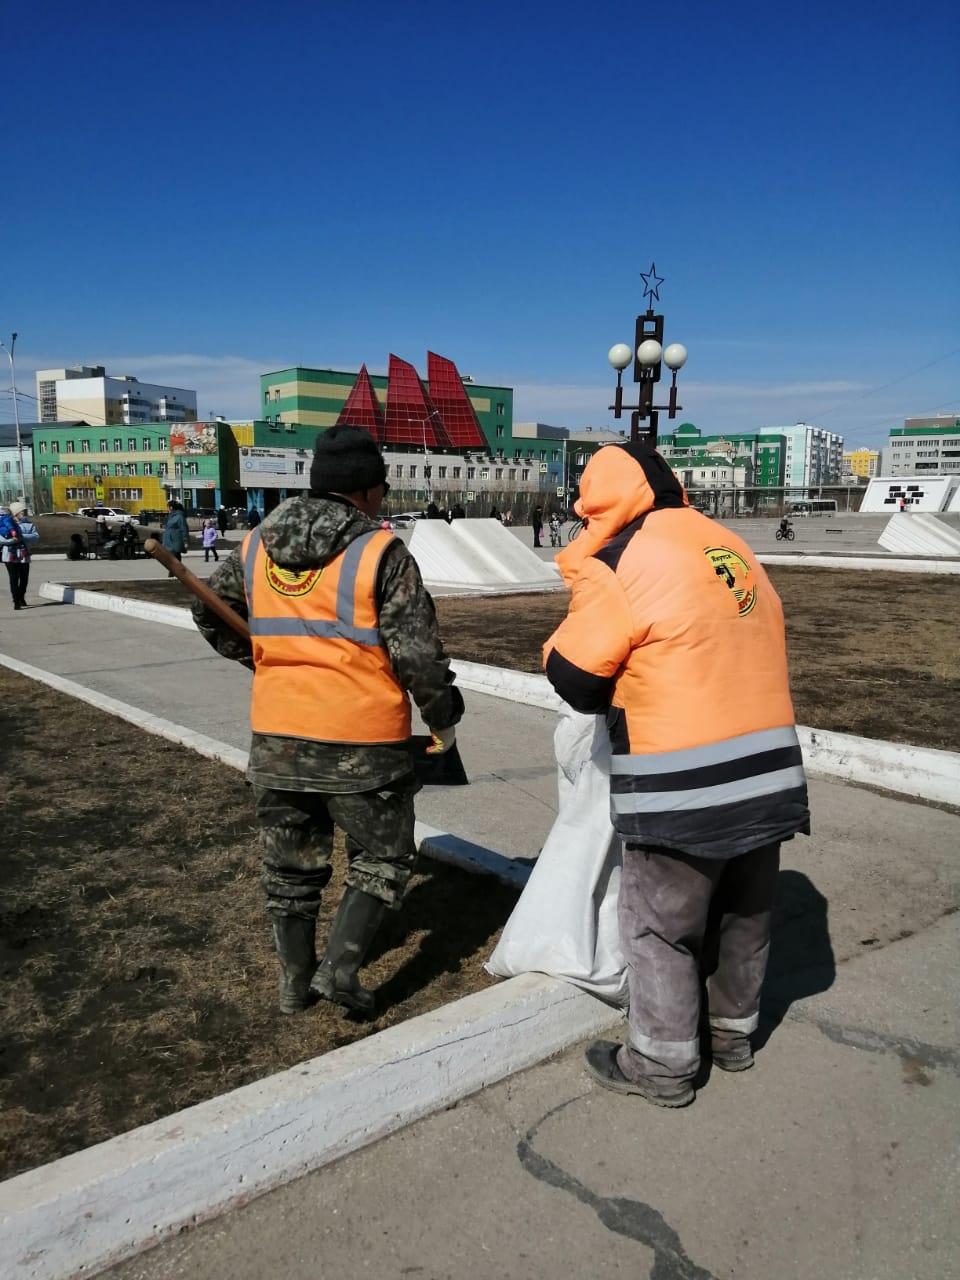 Площадь Победы и мемориал «Солдат Туймаады» готовят к празднику